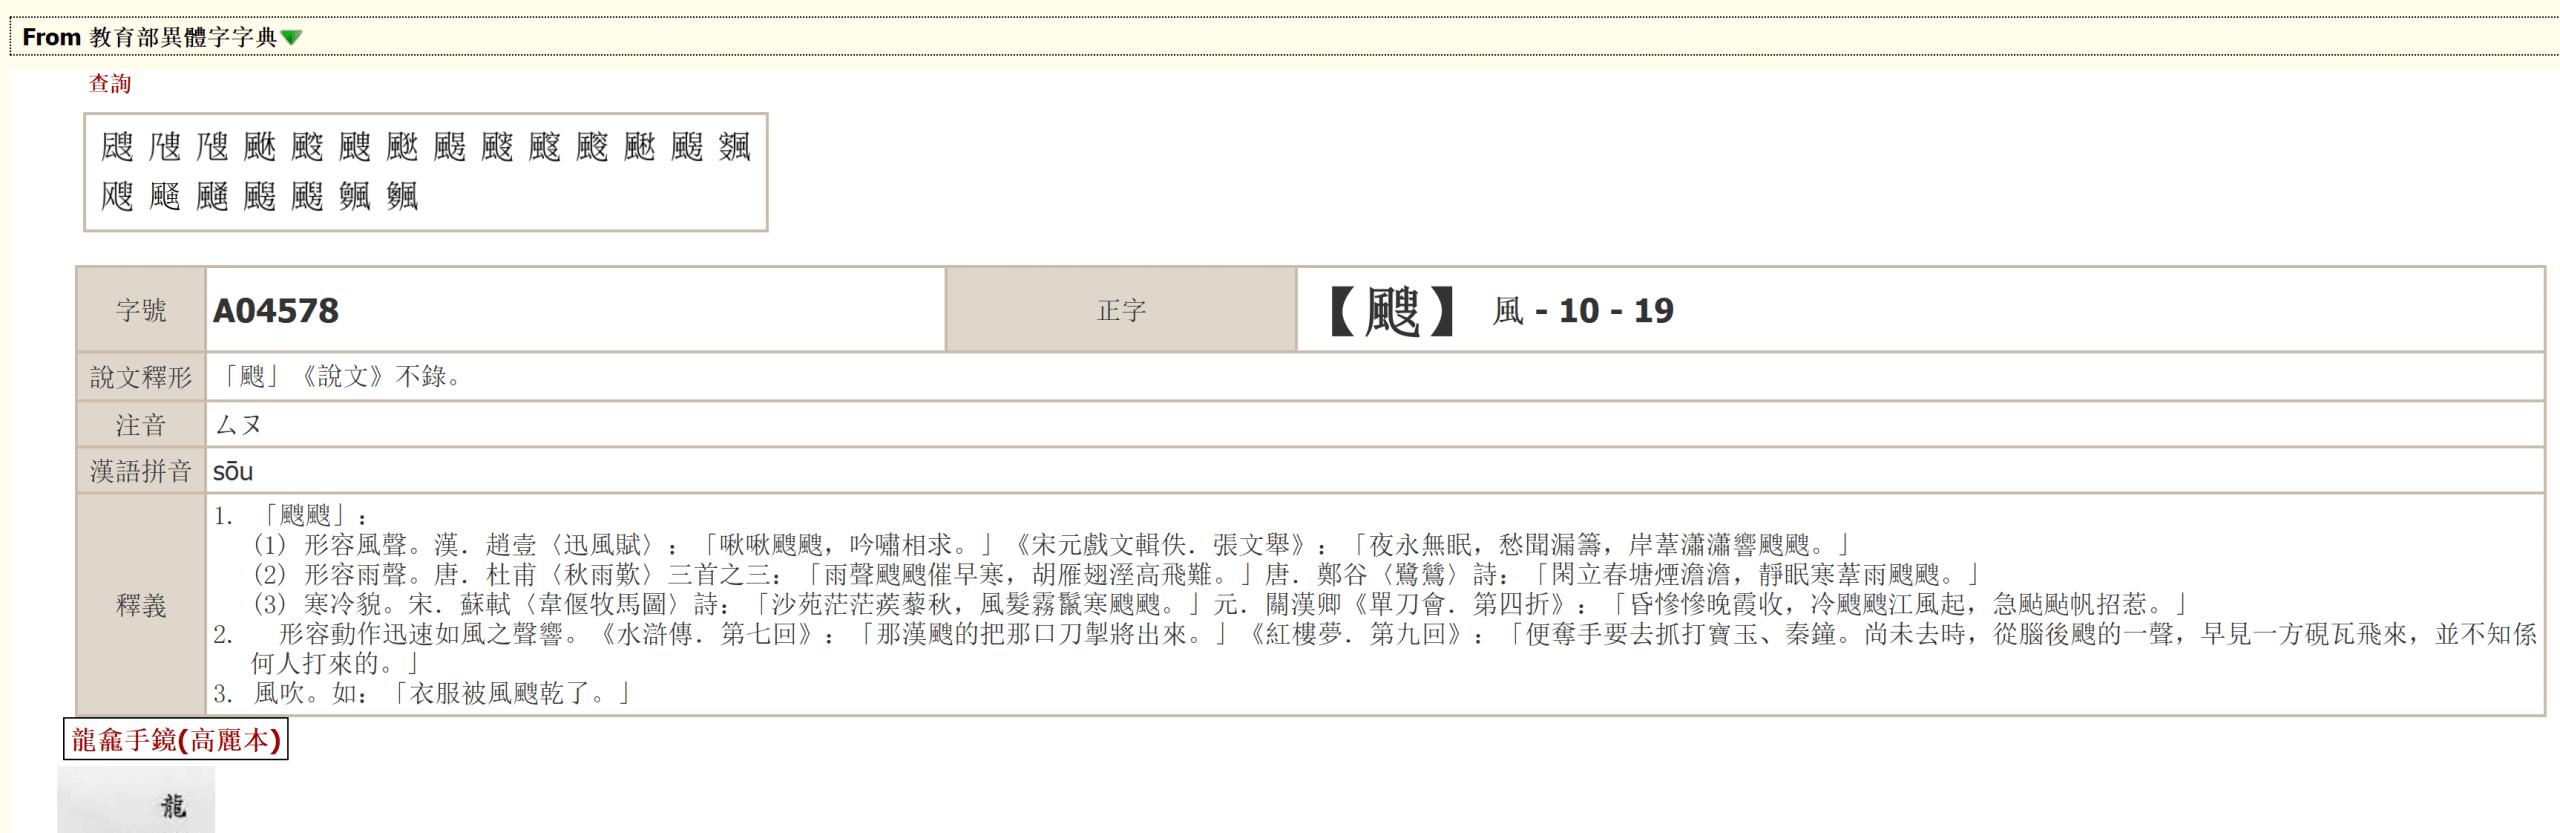 教育部異體字字典